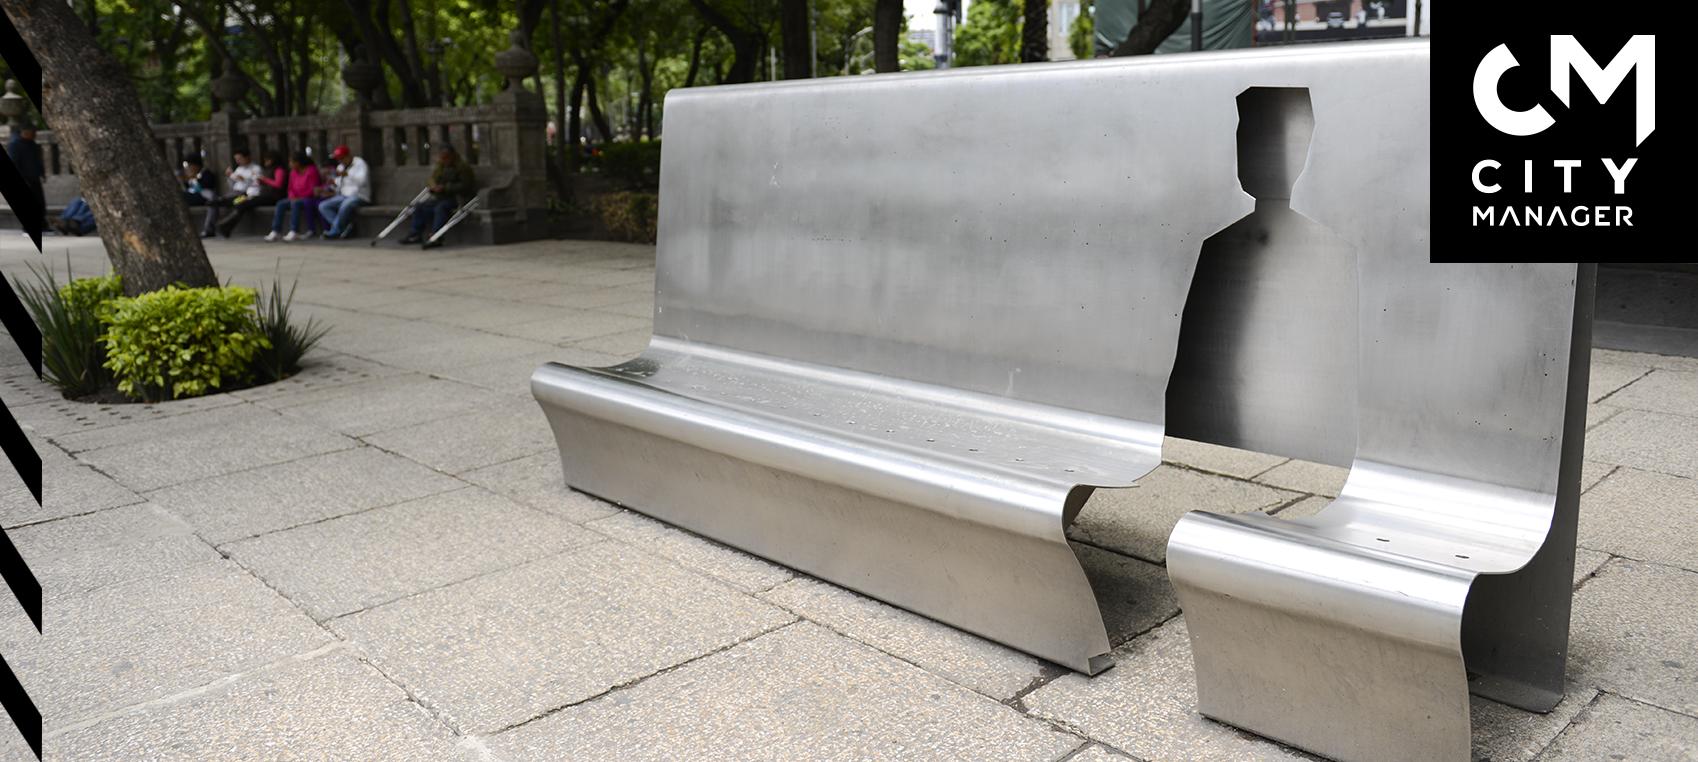 Espacio público, elemento vital en las ciudades